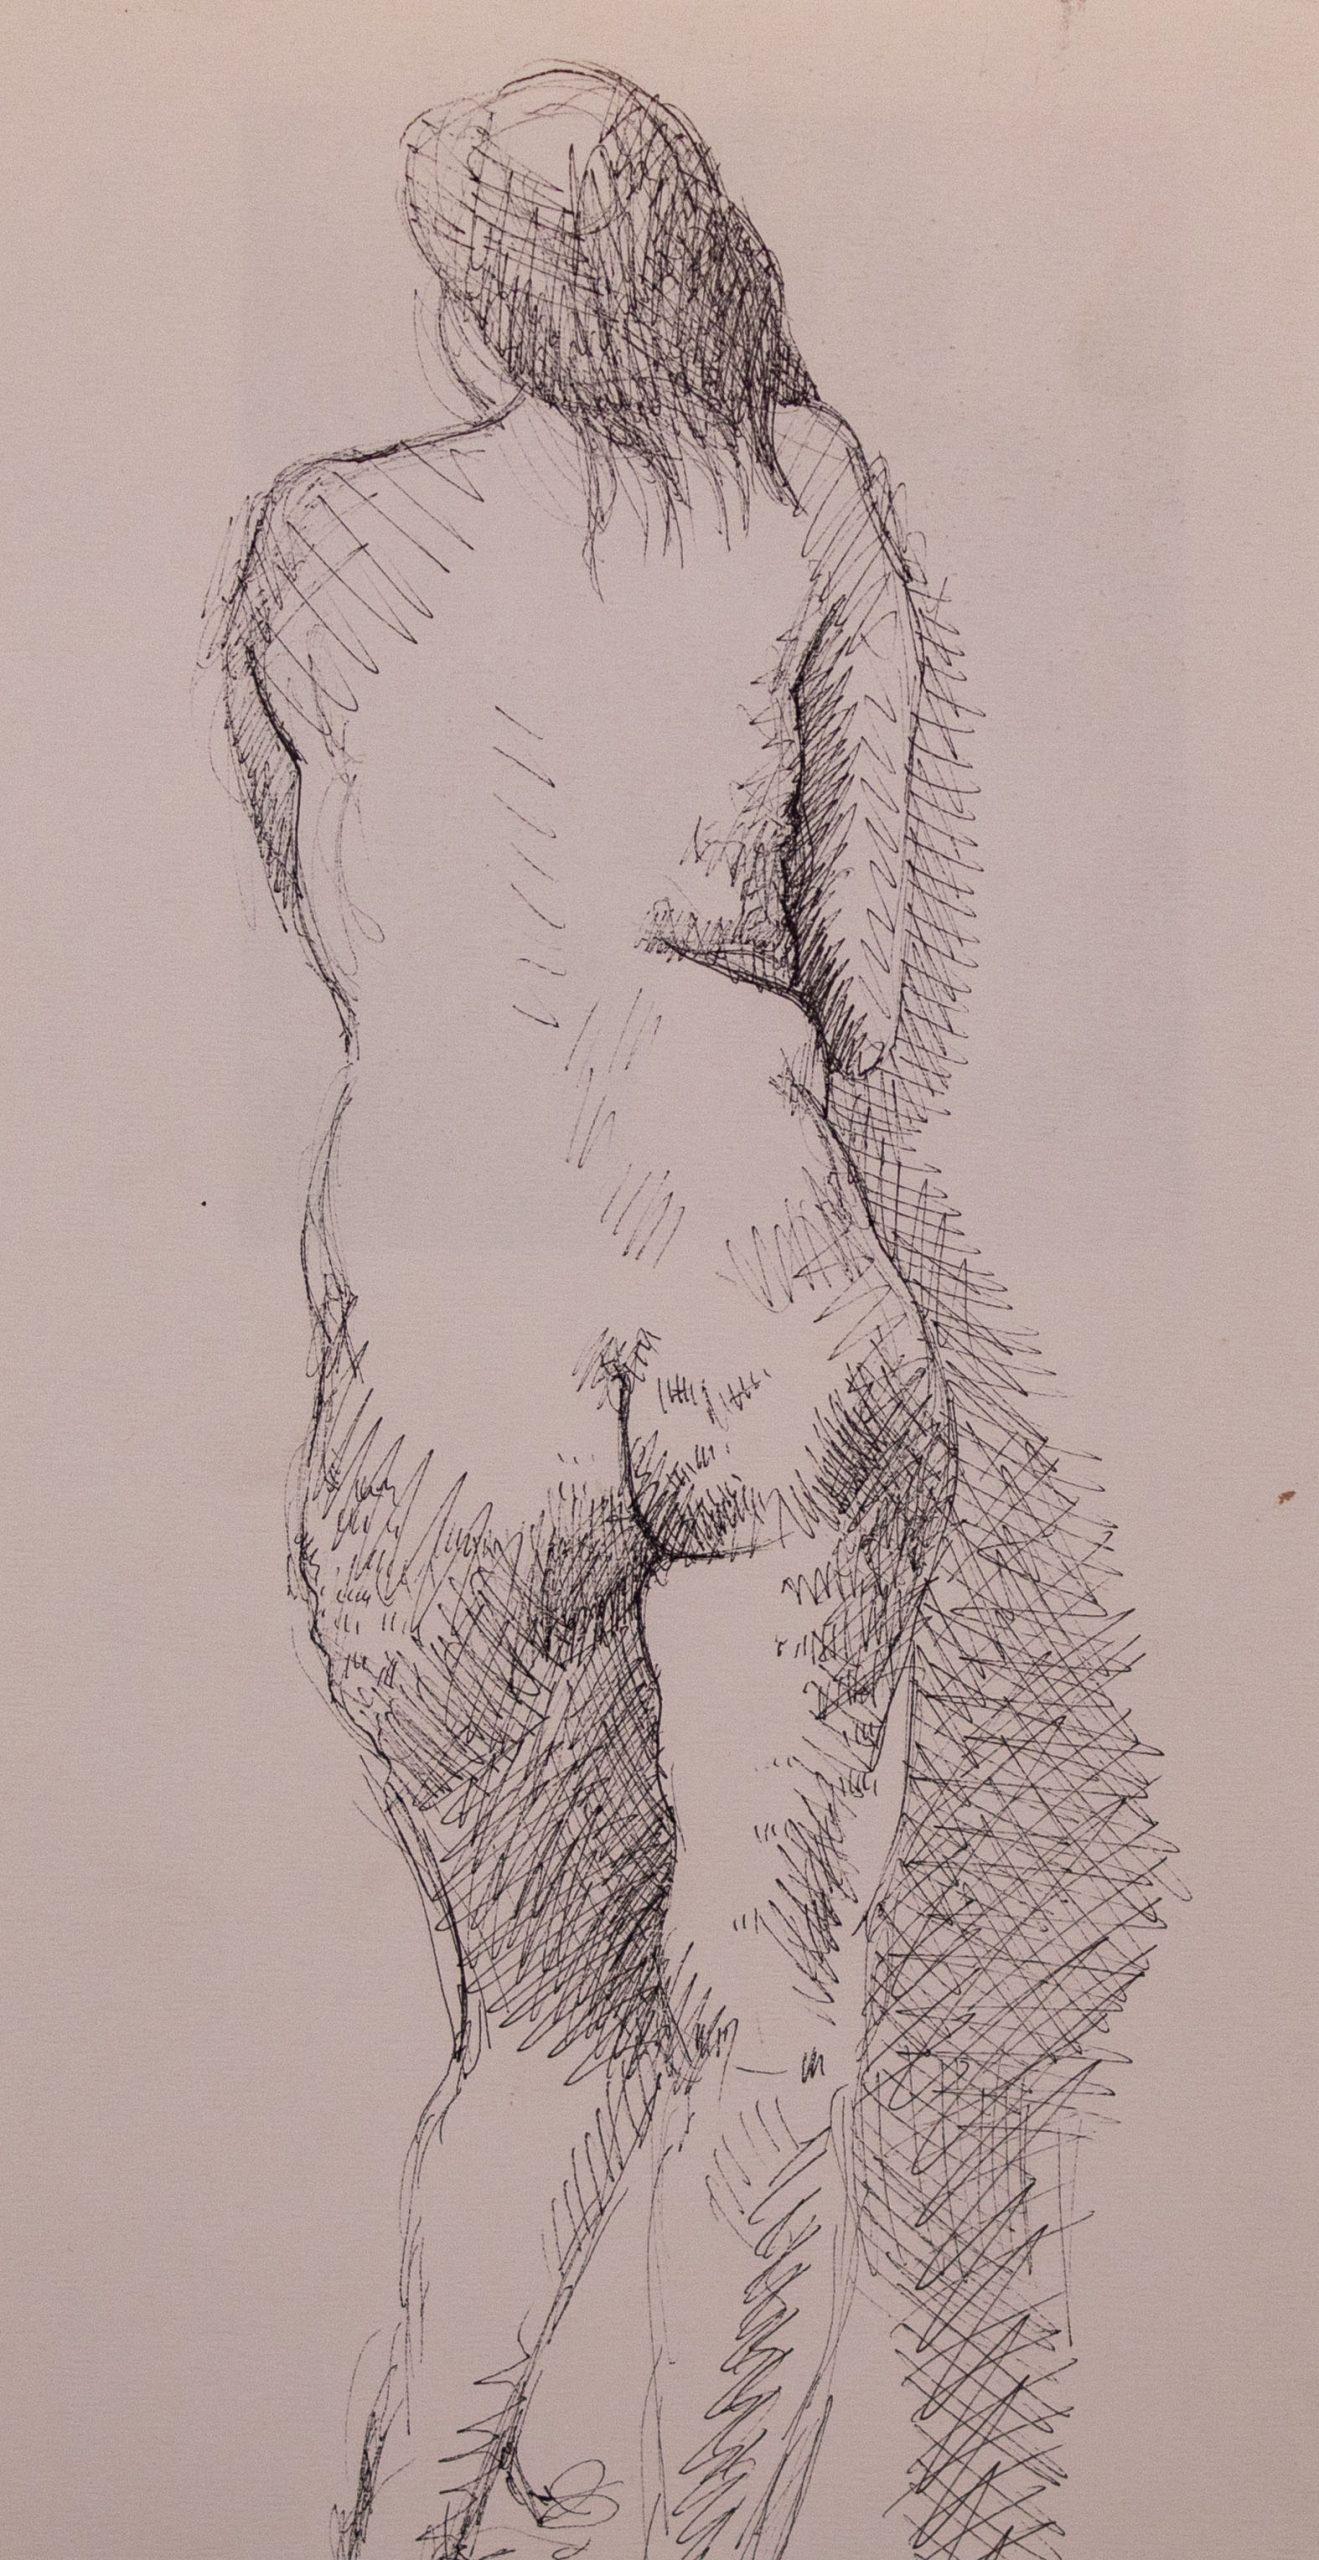 Tercera exposición pictórica – Cuadernos de dibujo, Siegrid Wiese